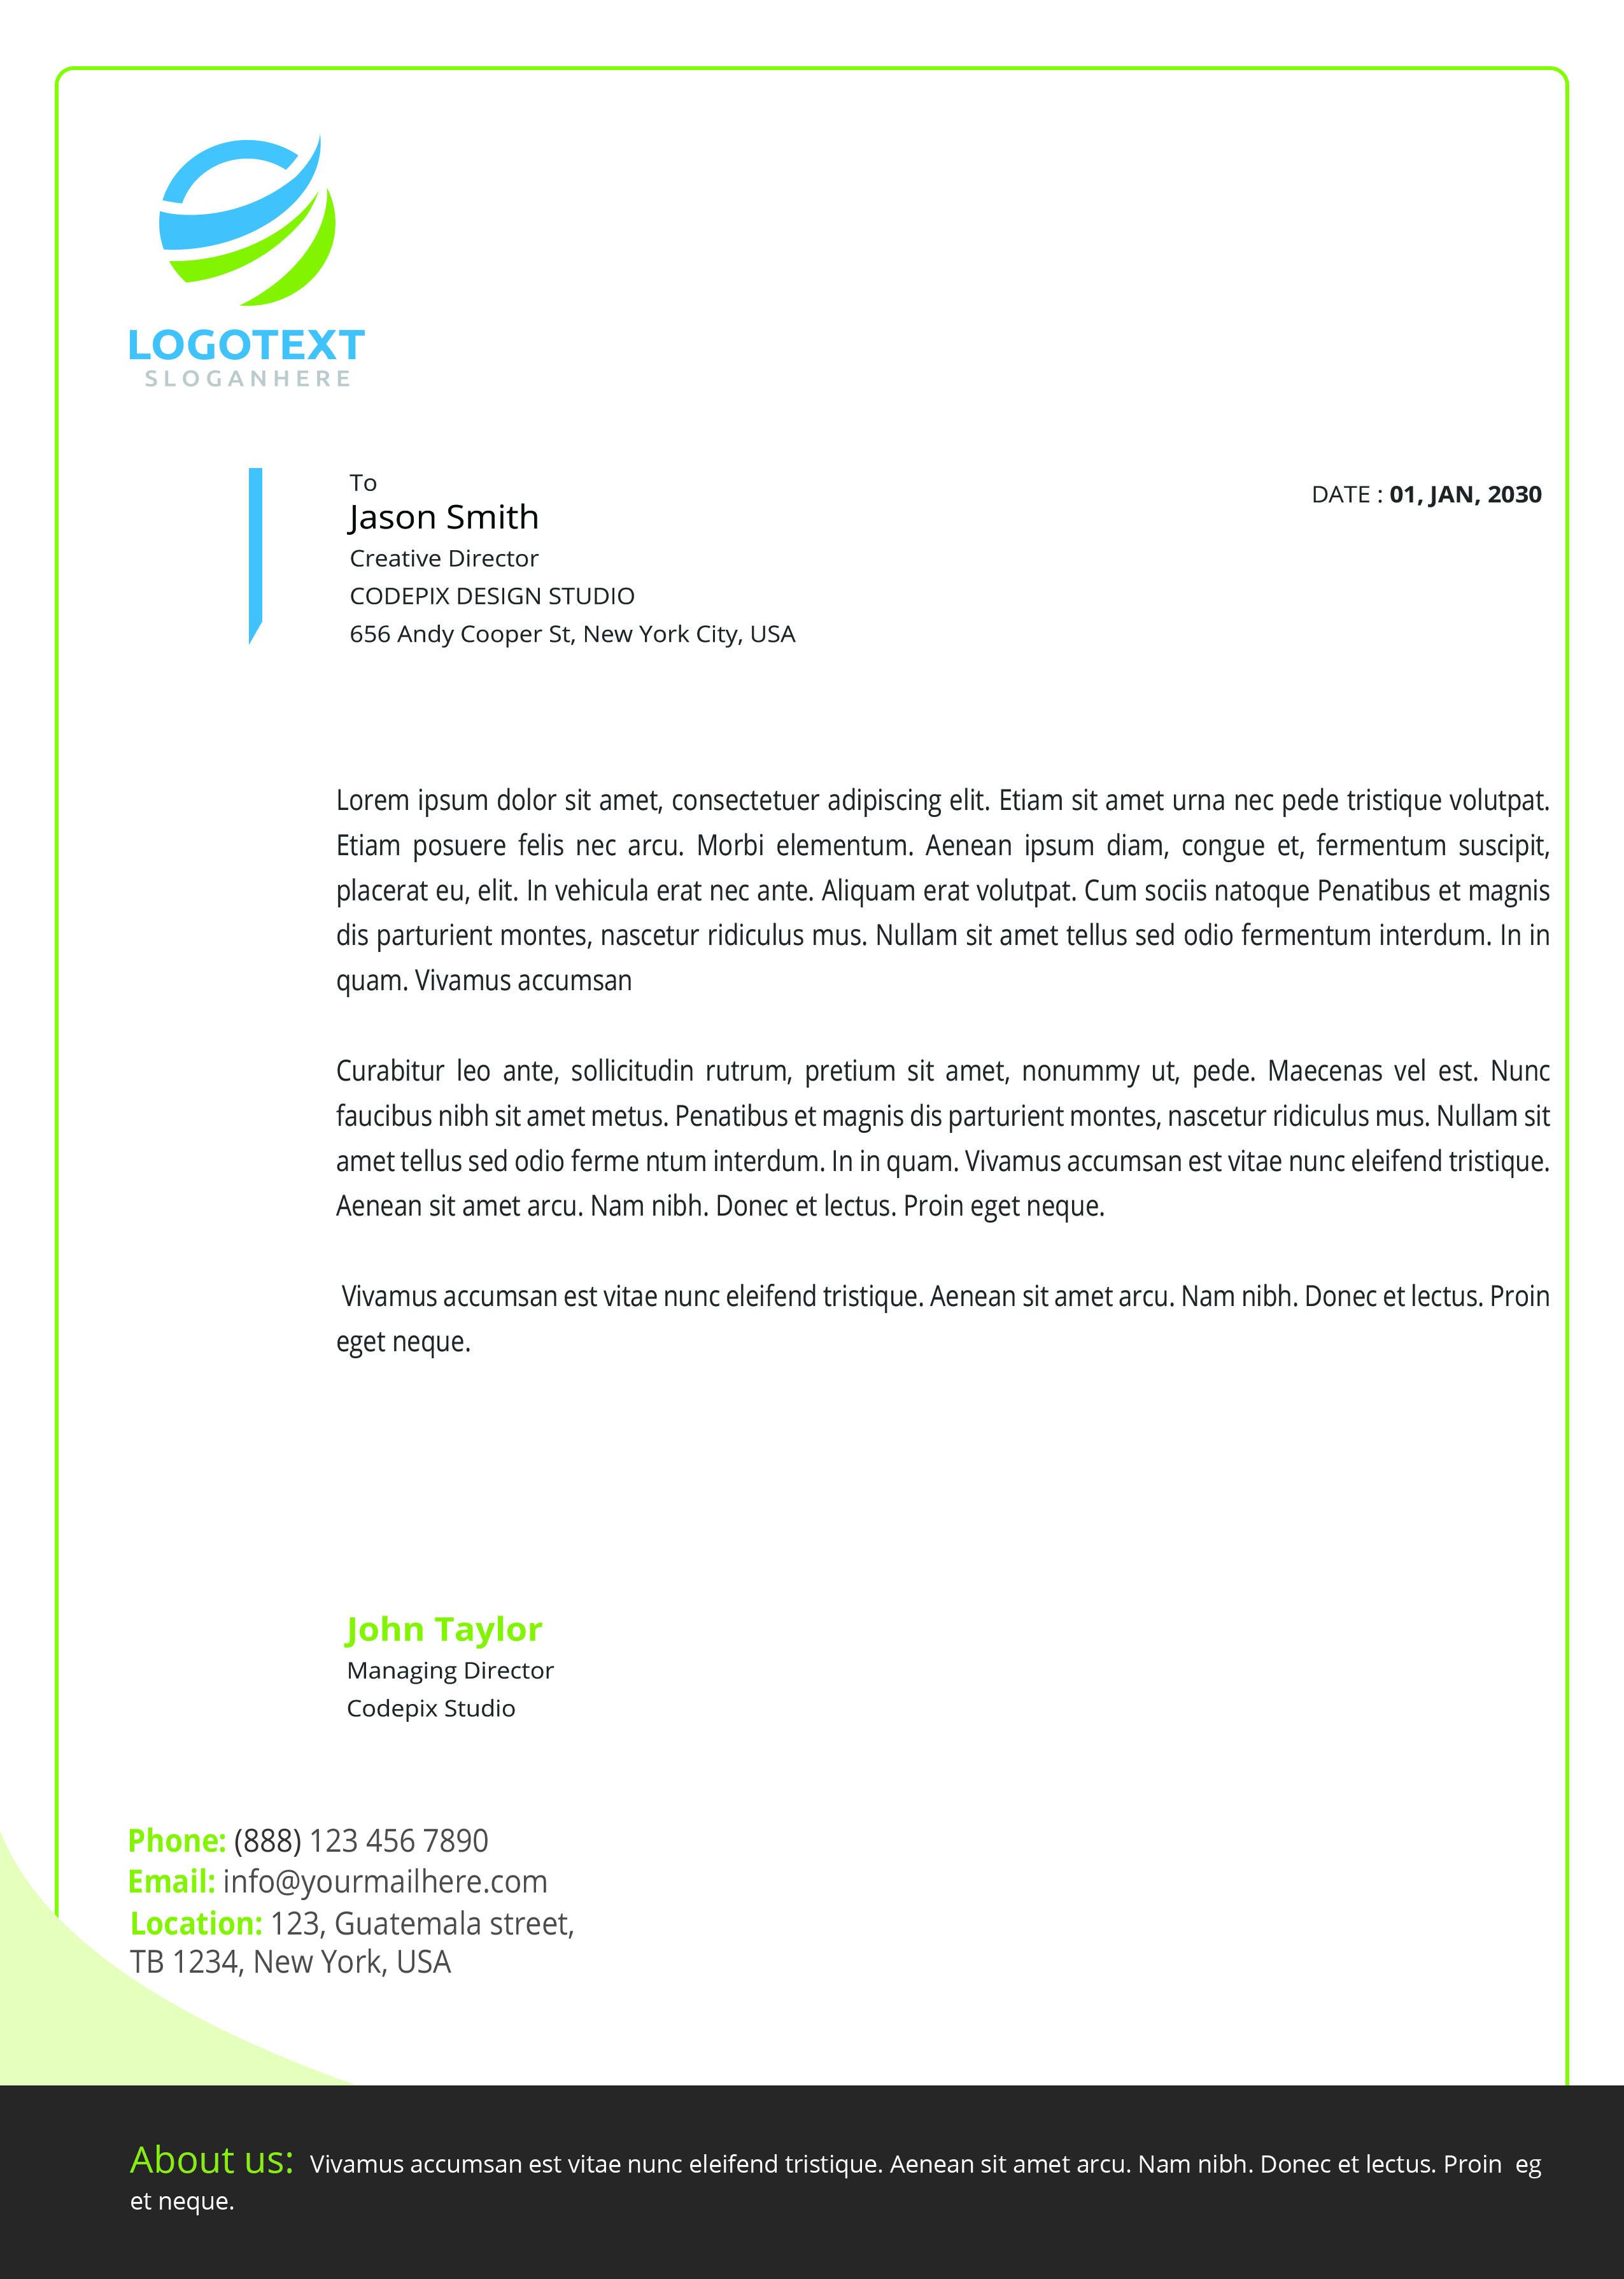 Letterhead example image 1